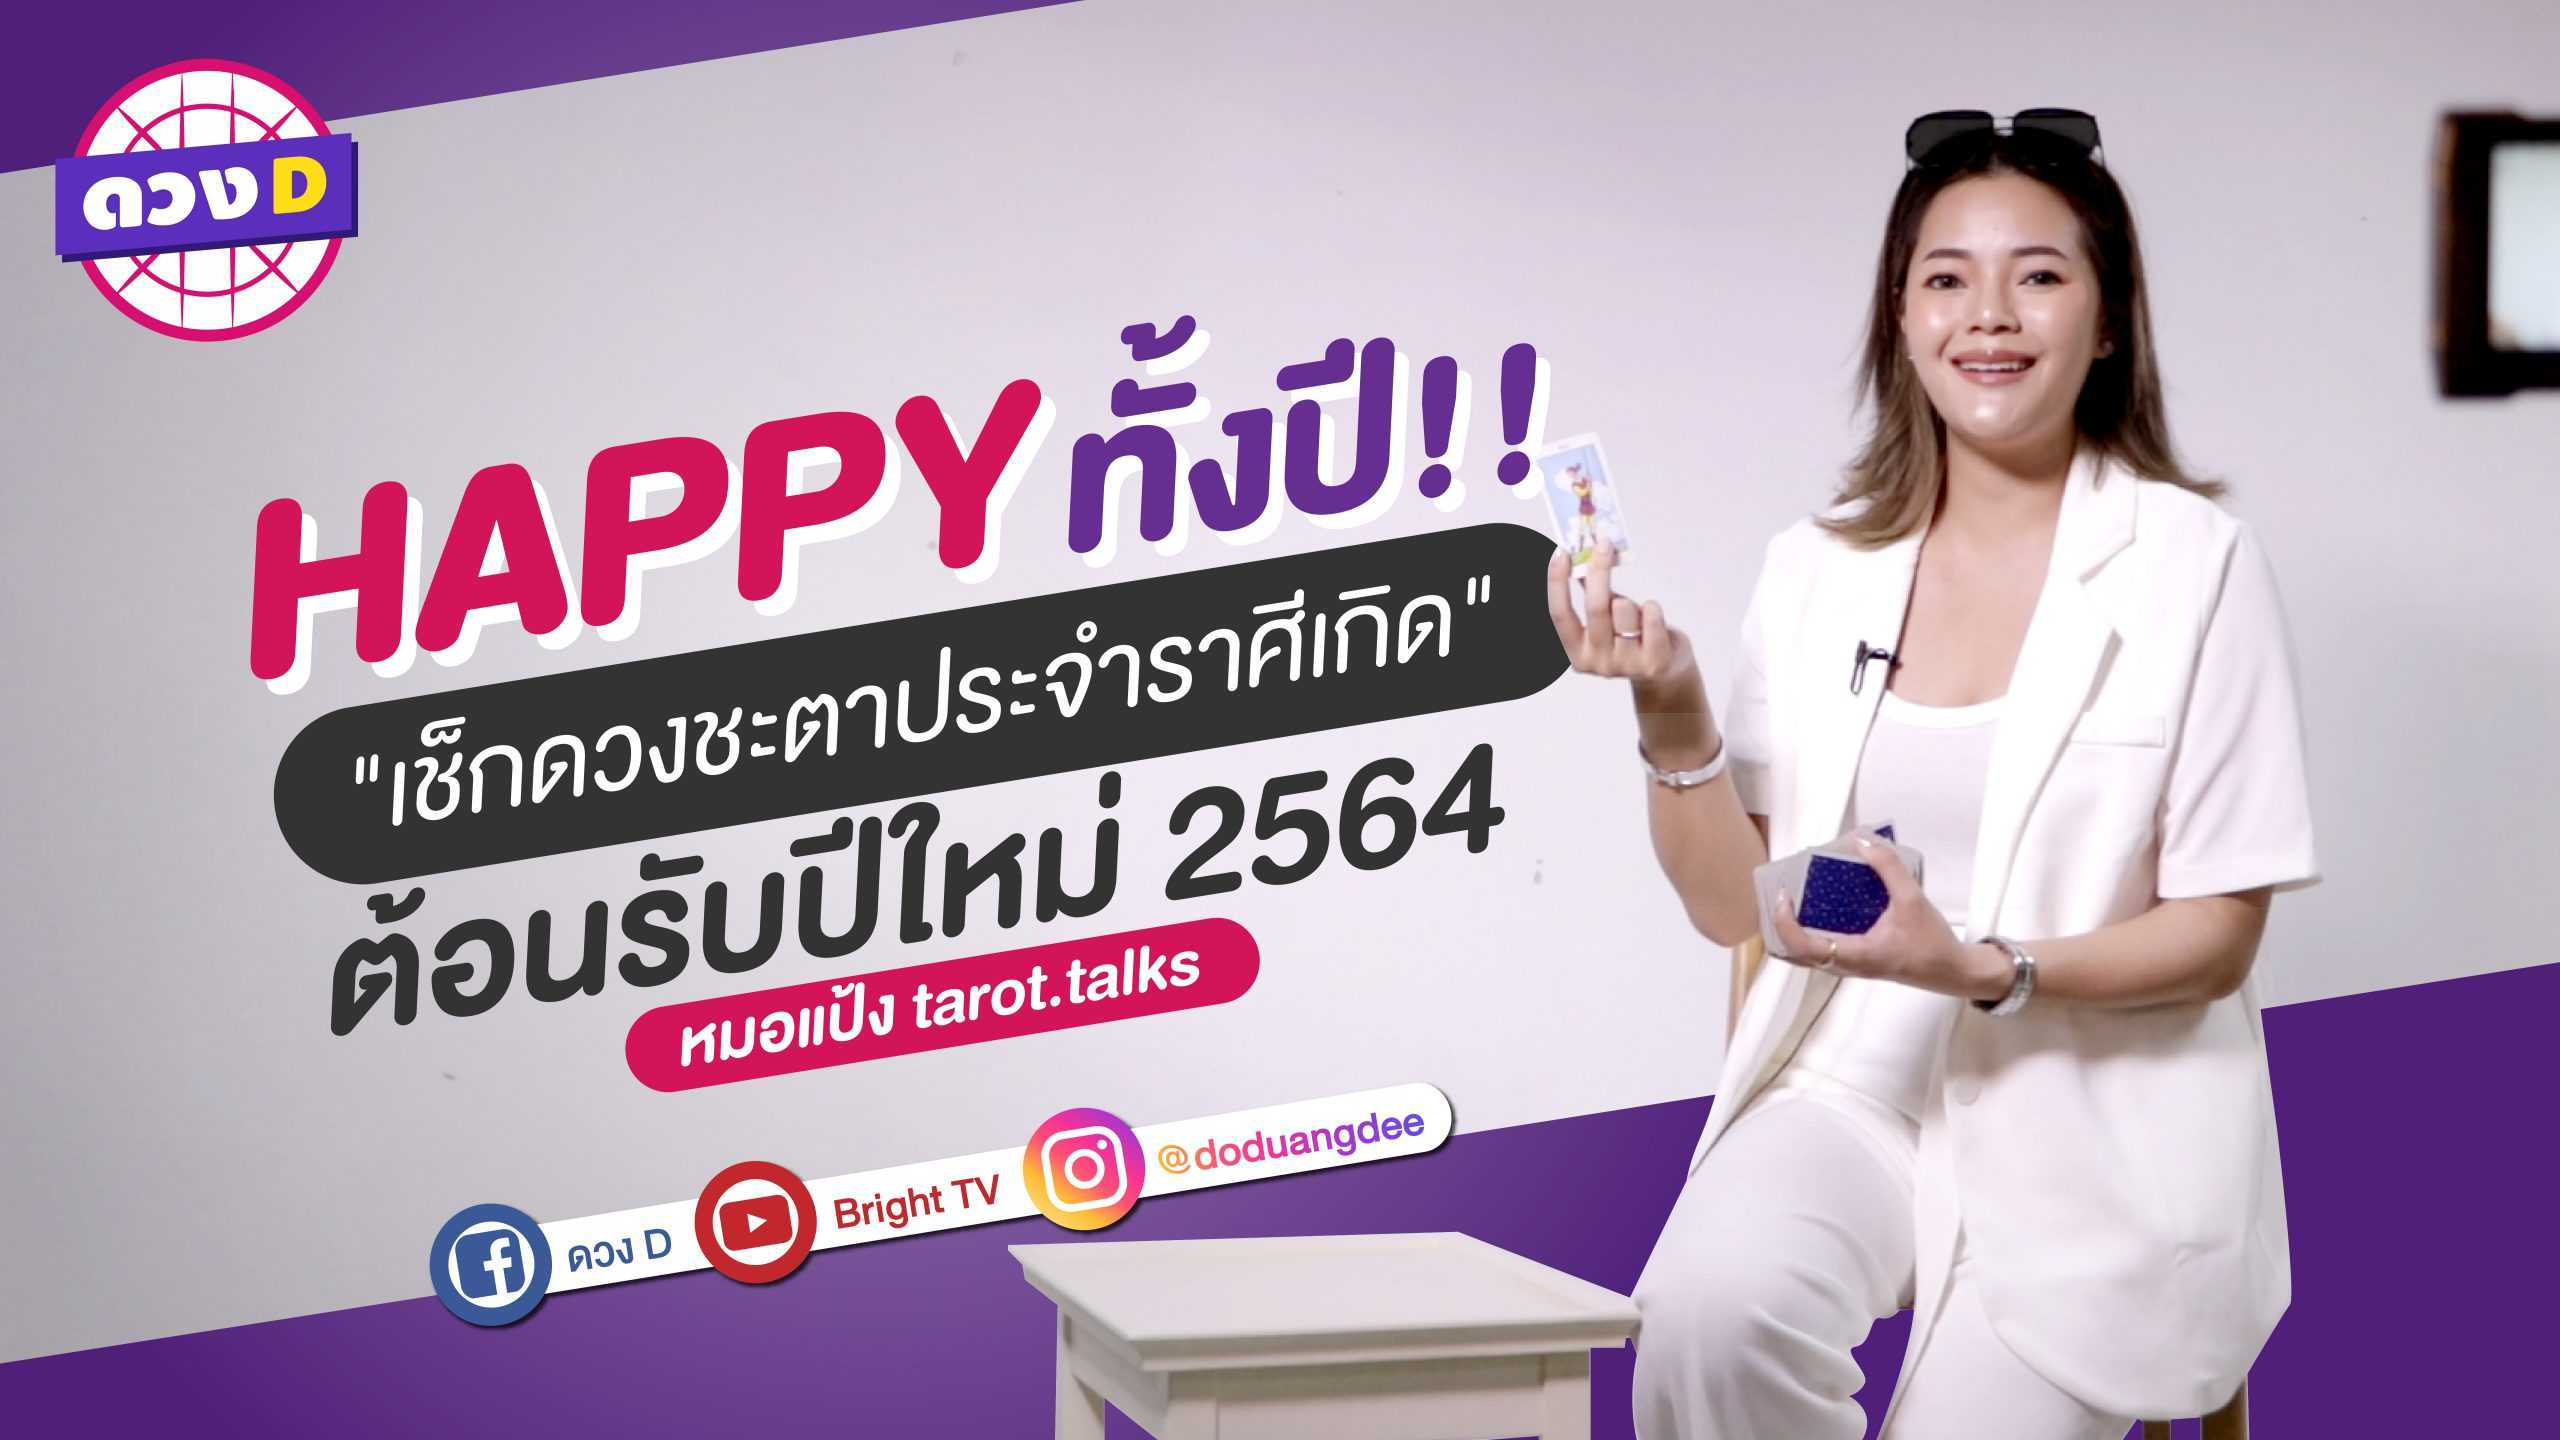 """ดู ดวง ราย ปี 2564  HAPPY ทั้งปี!! """"เช็กดวงชะตาประจำราศีเกิด""""  หมอแป้ง tarot.talks"""